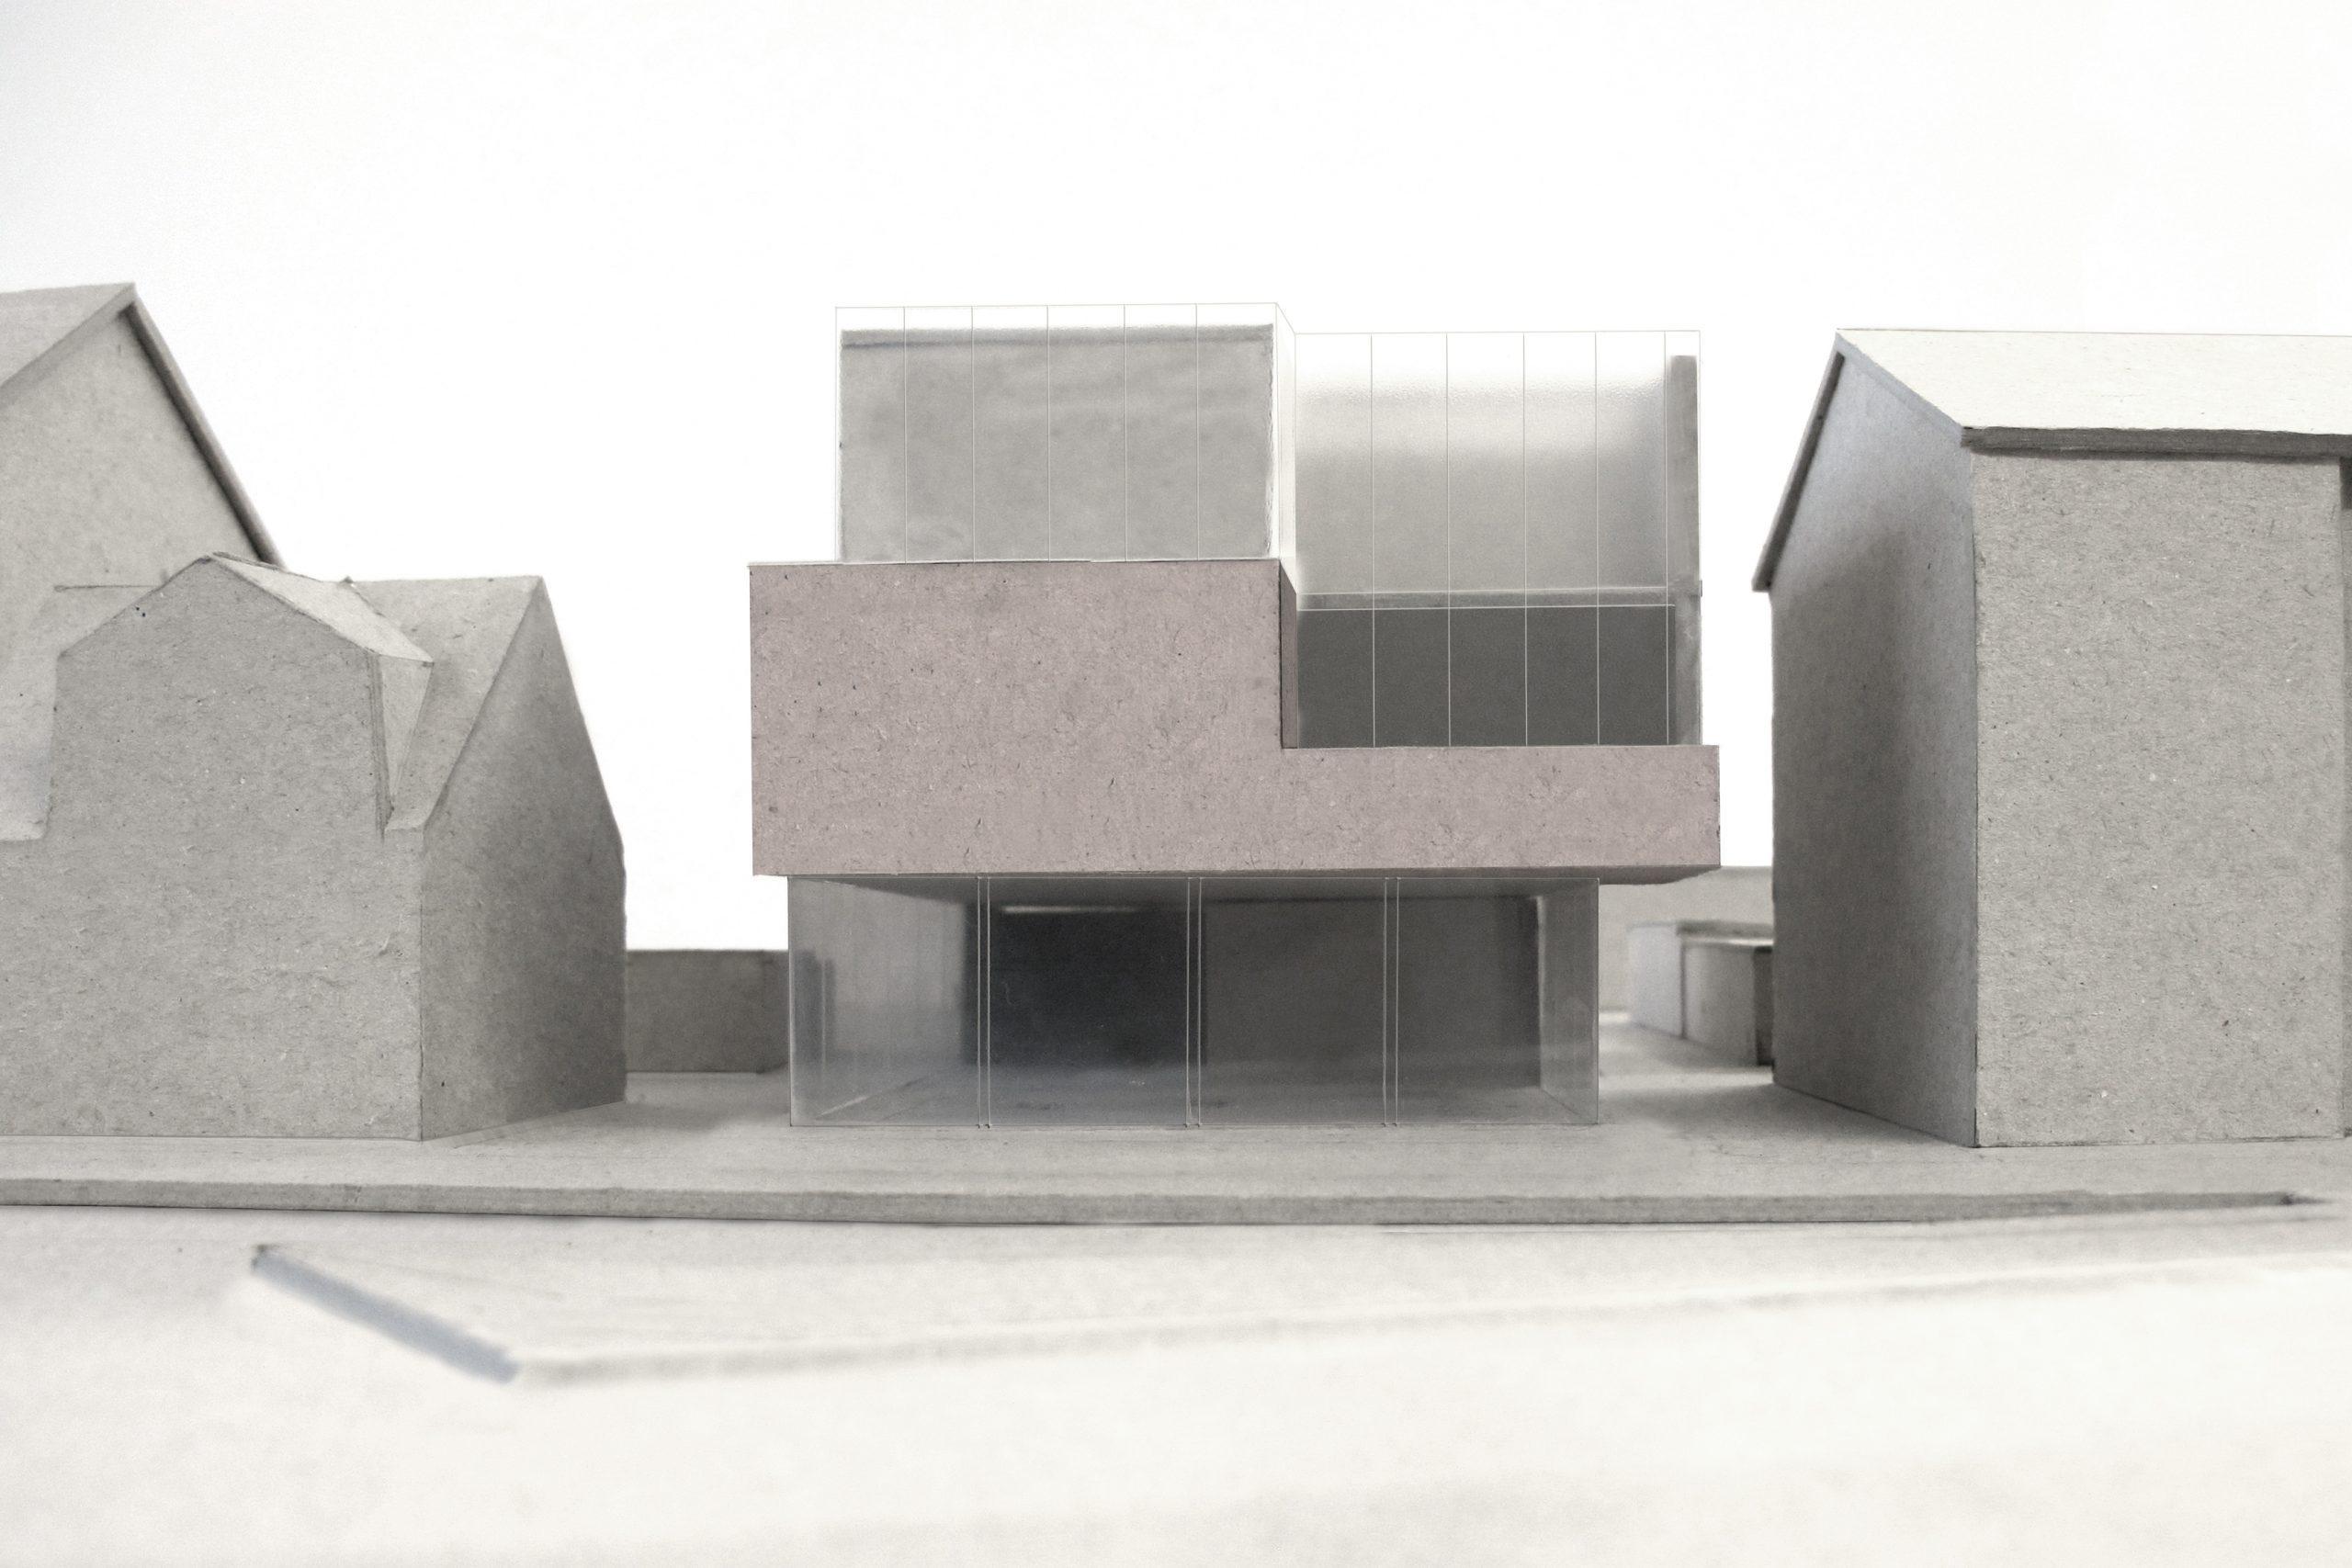 Rostocker Strasse, concept model